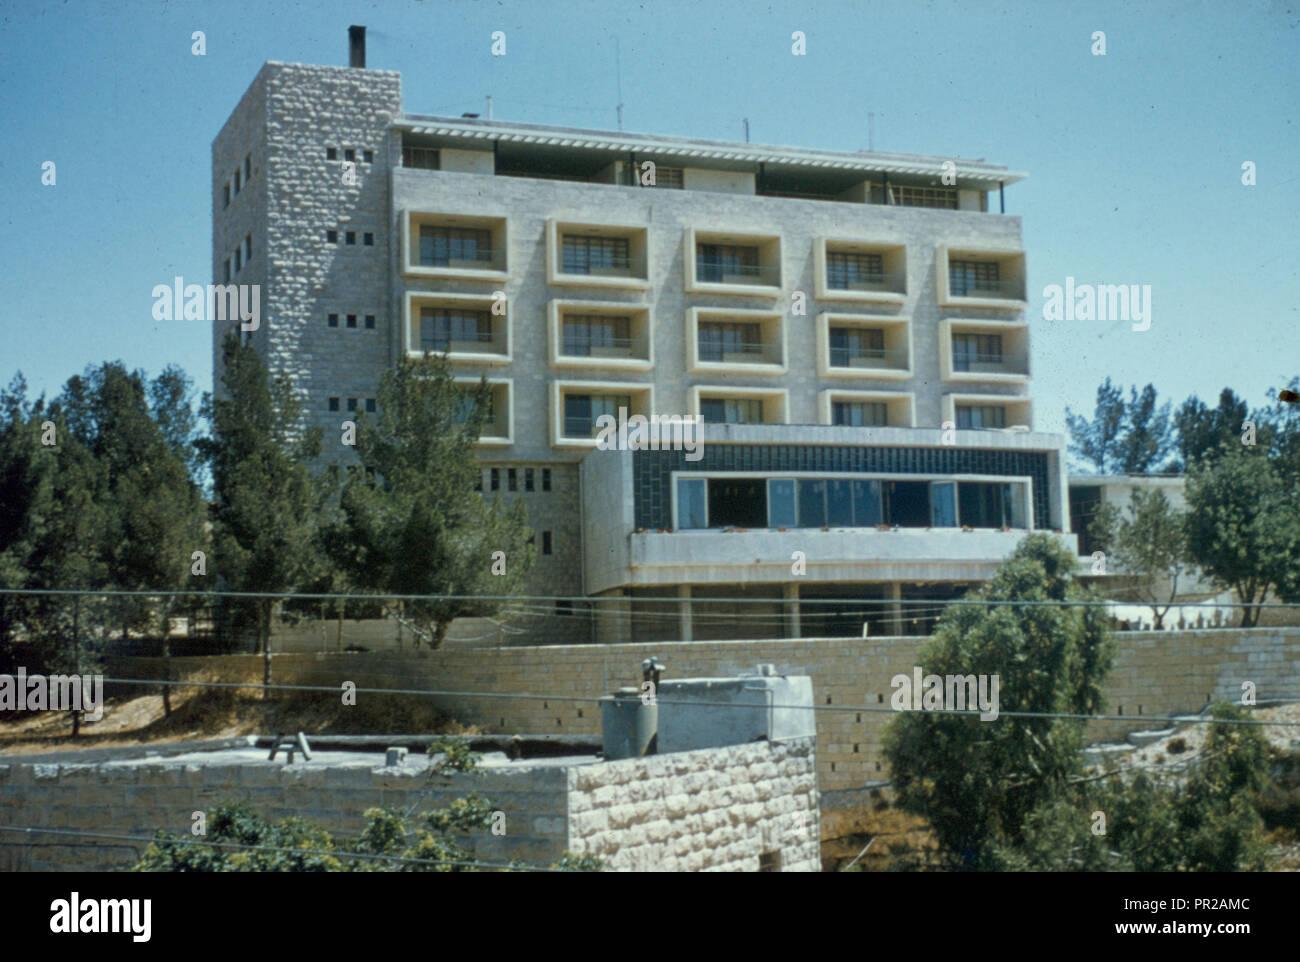 Buildings in Jerusalem Embassador Hotel on Mt. Scopus (Arab Jerusalem) Photograph shows the Ambassador Hotel, Sheikh Jarrah - Stock Image